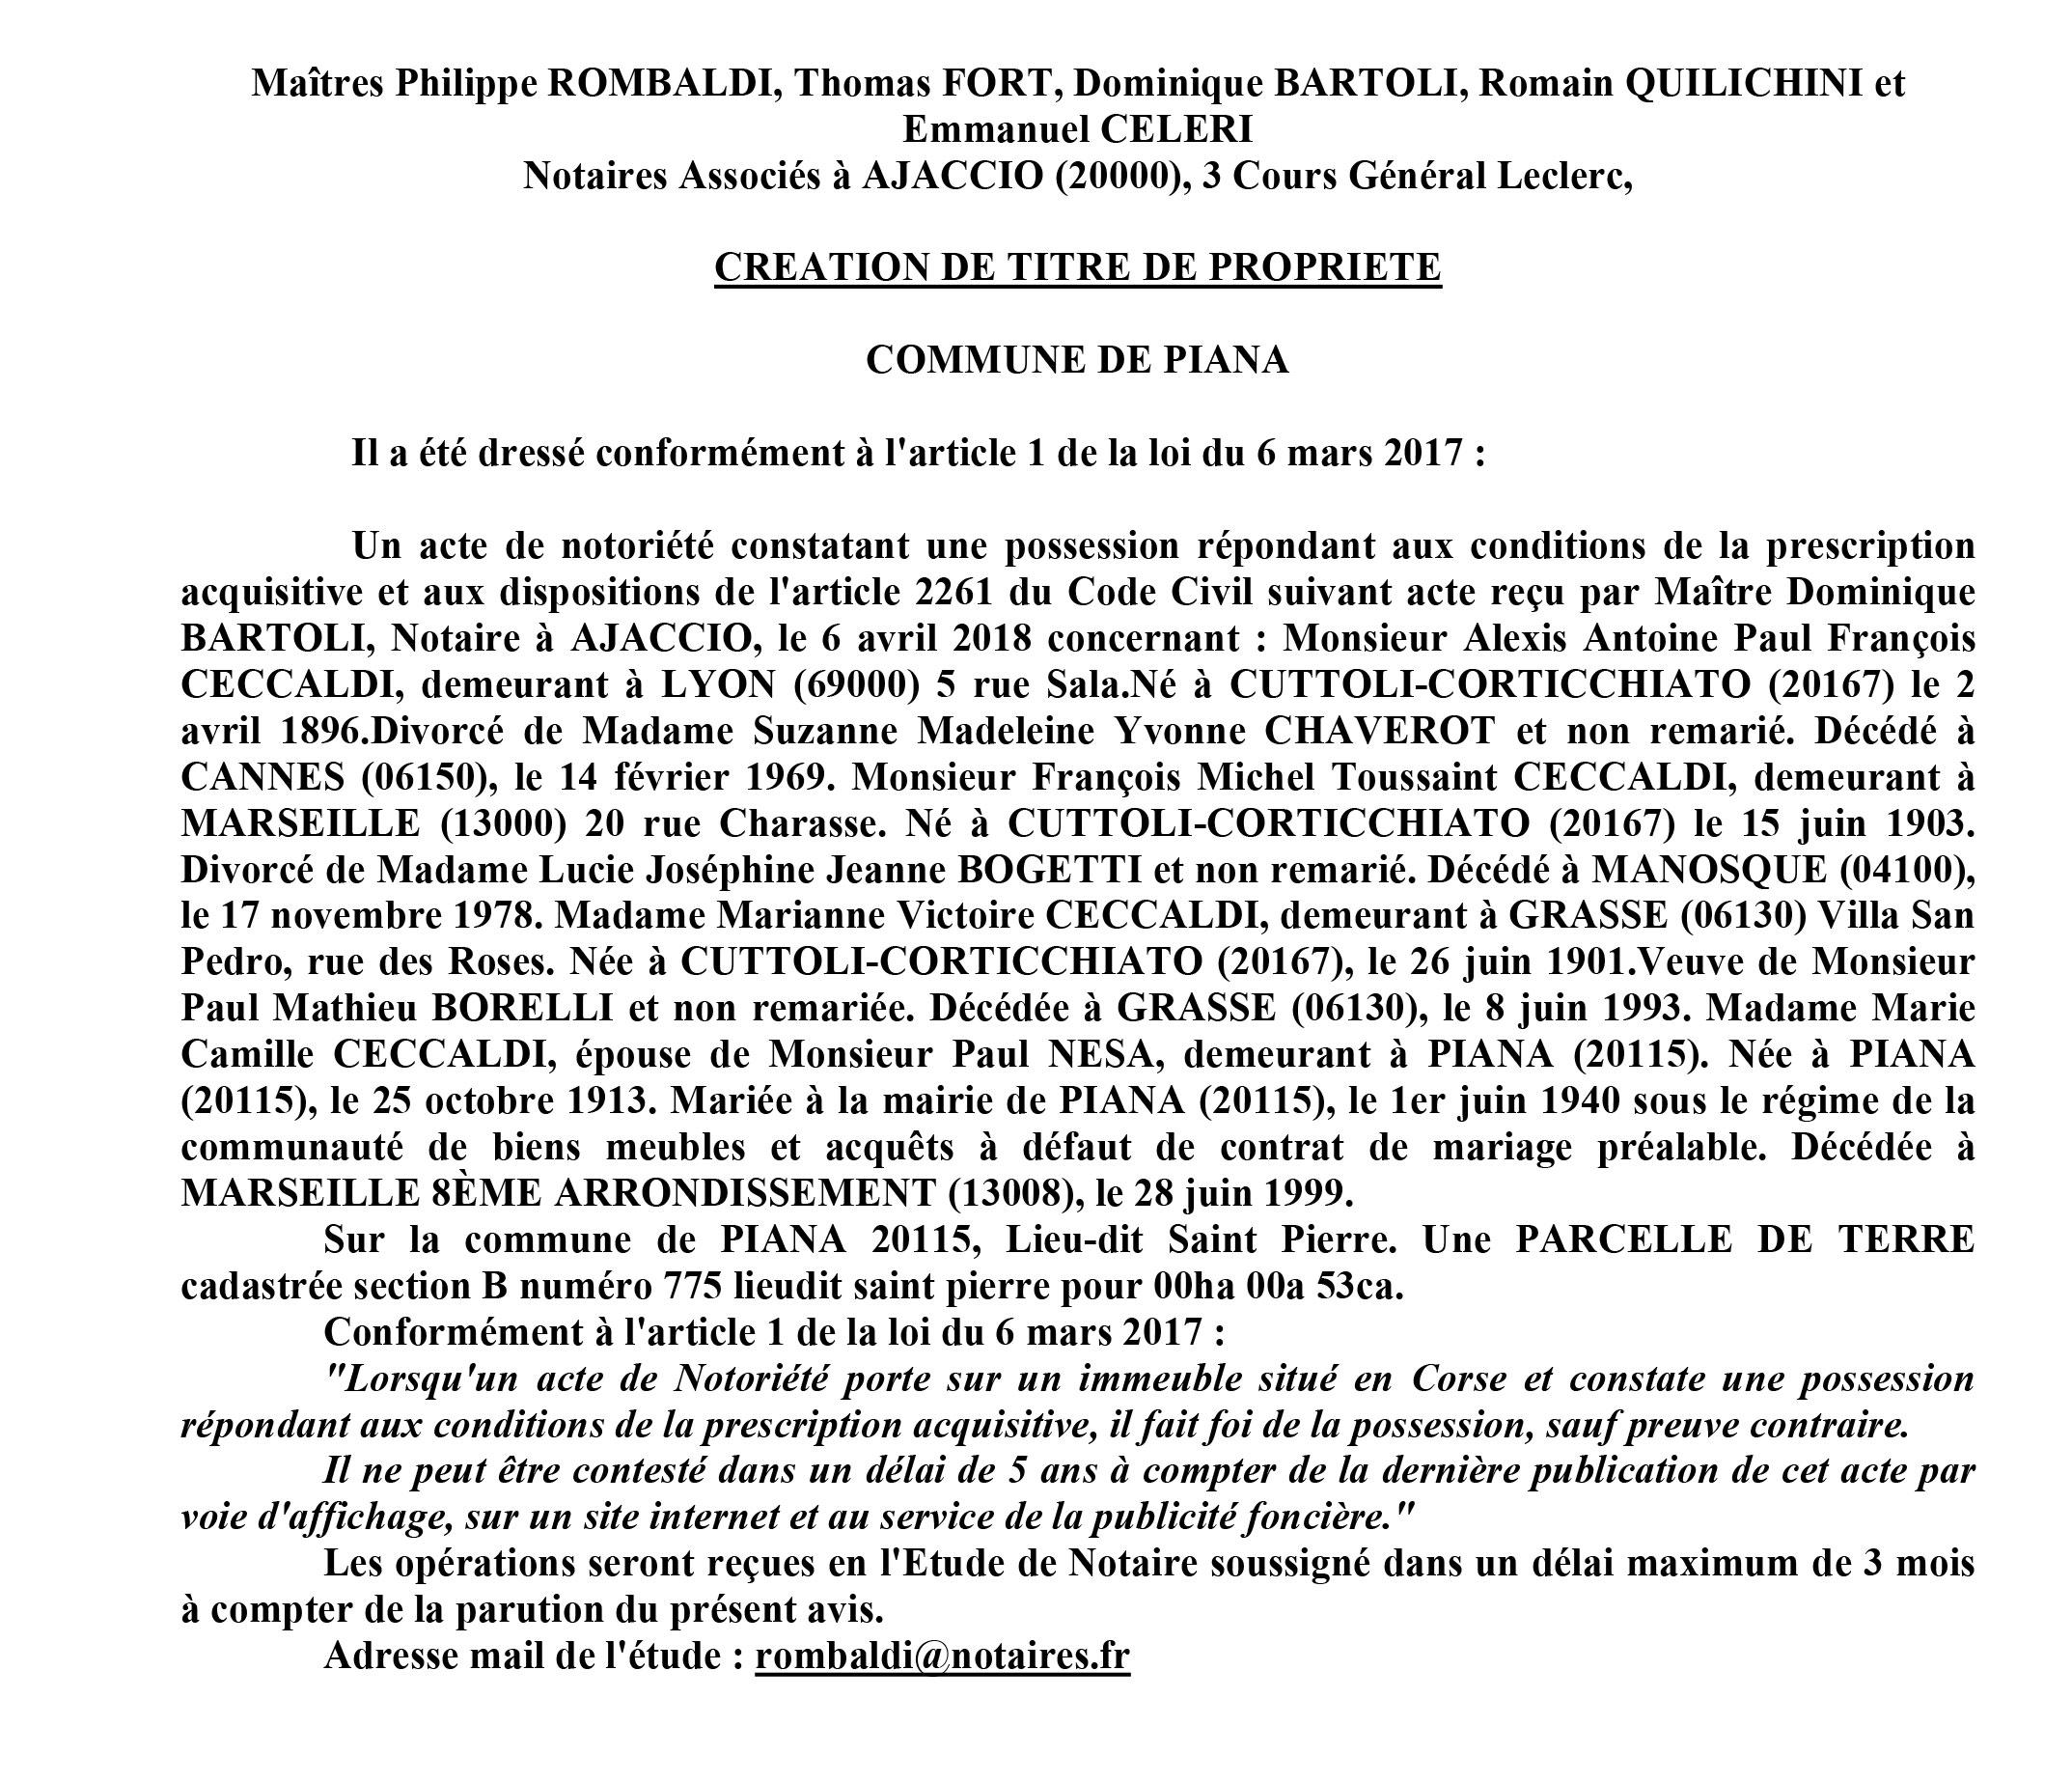 Avis de création de titre de propriété - commune de Piana (Corse du Sud)